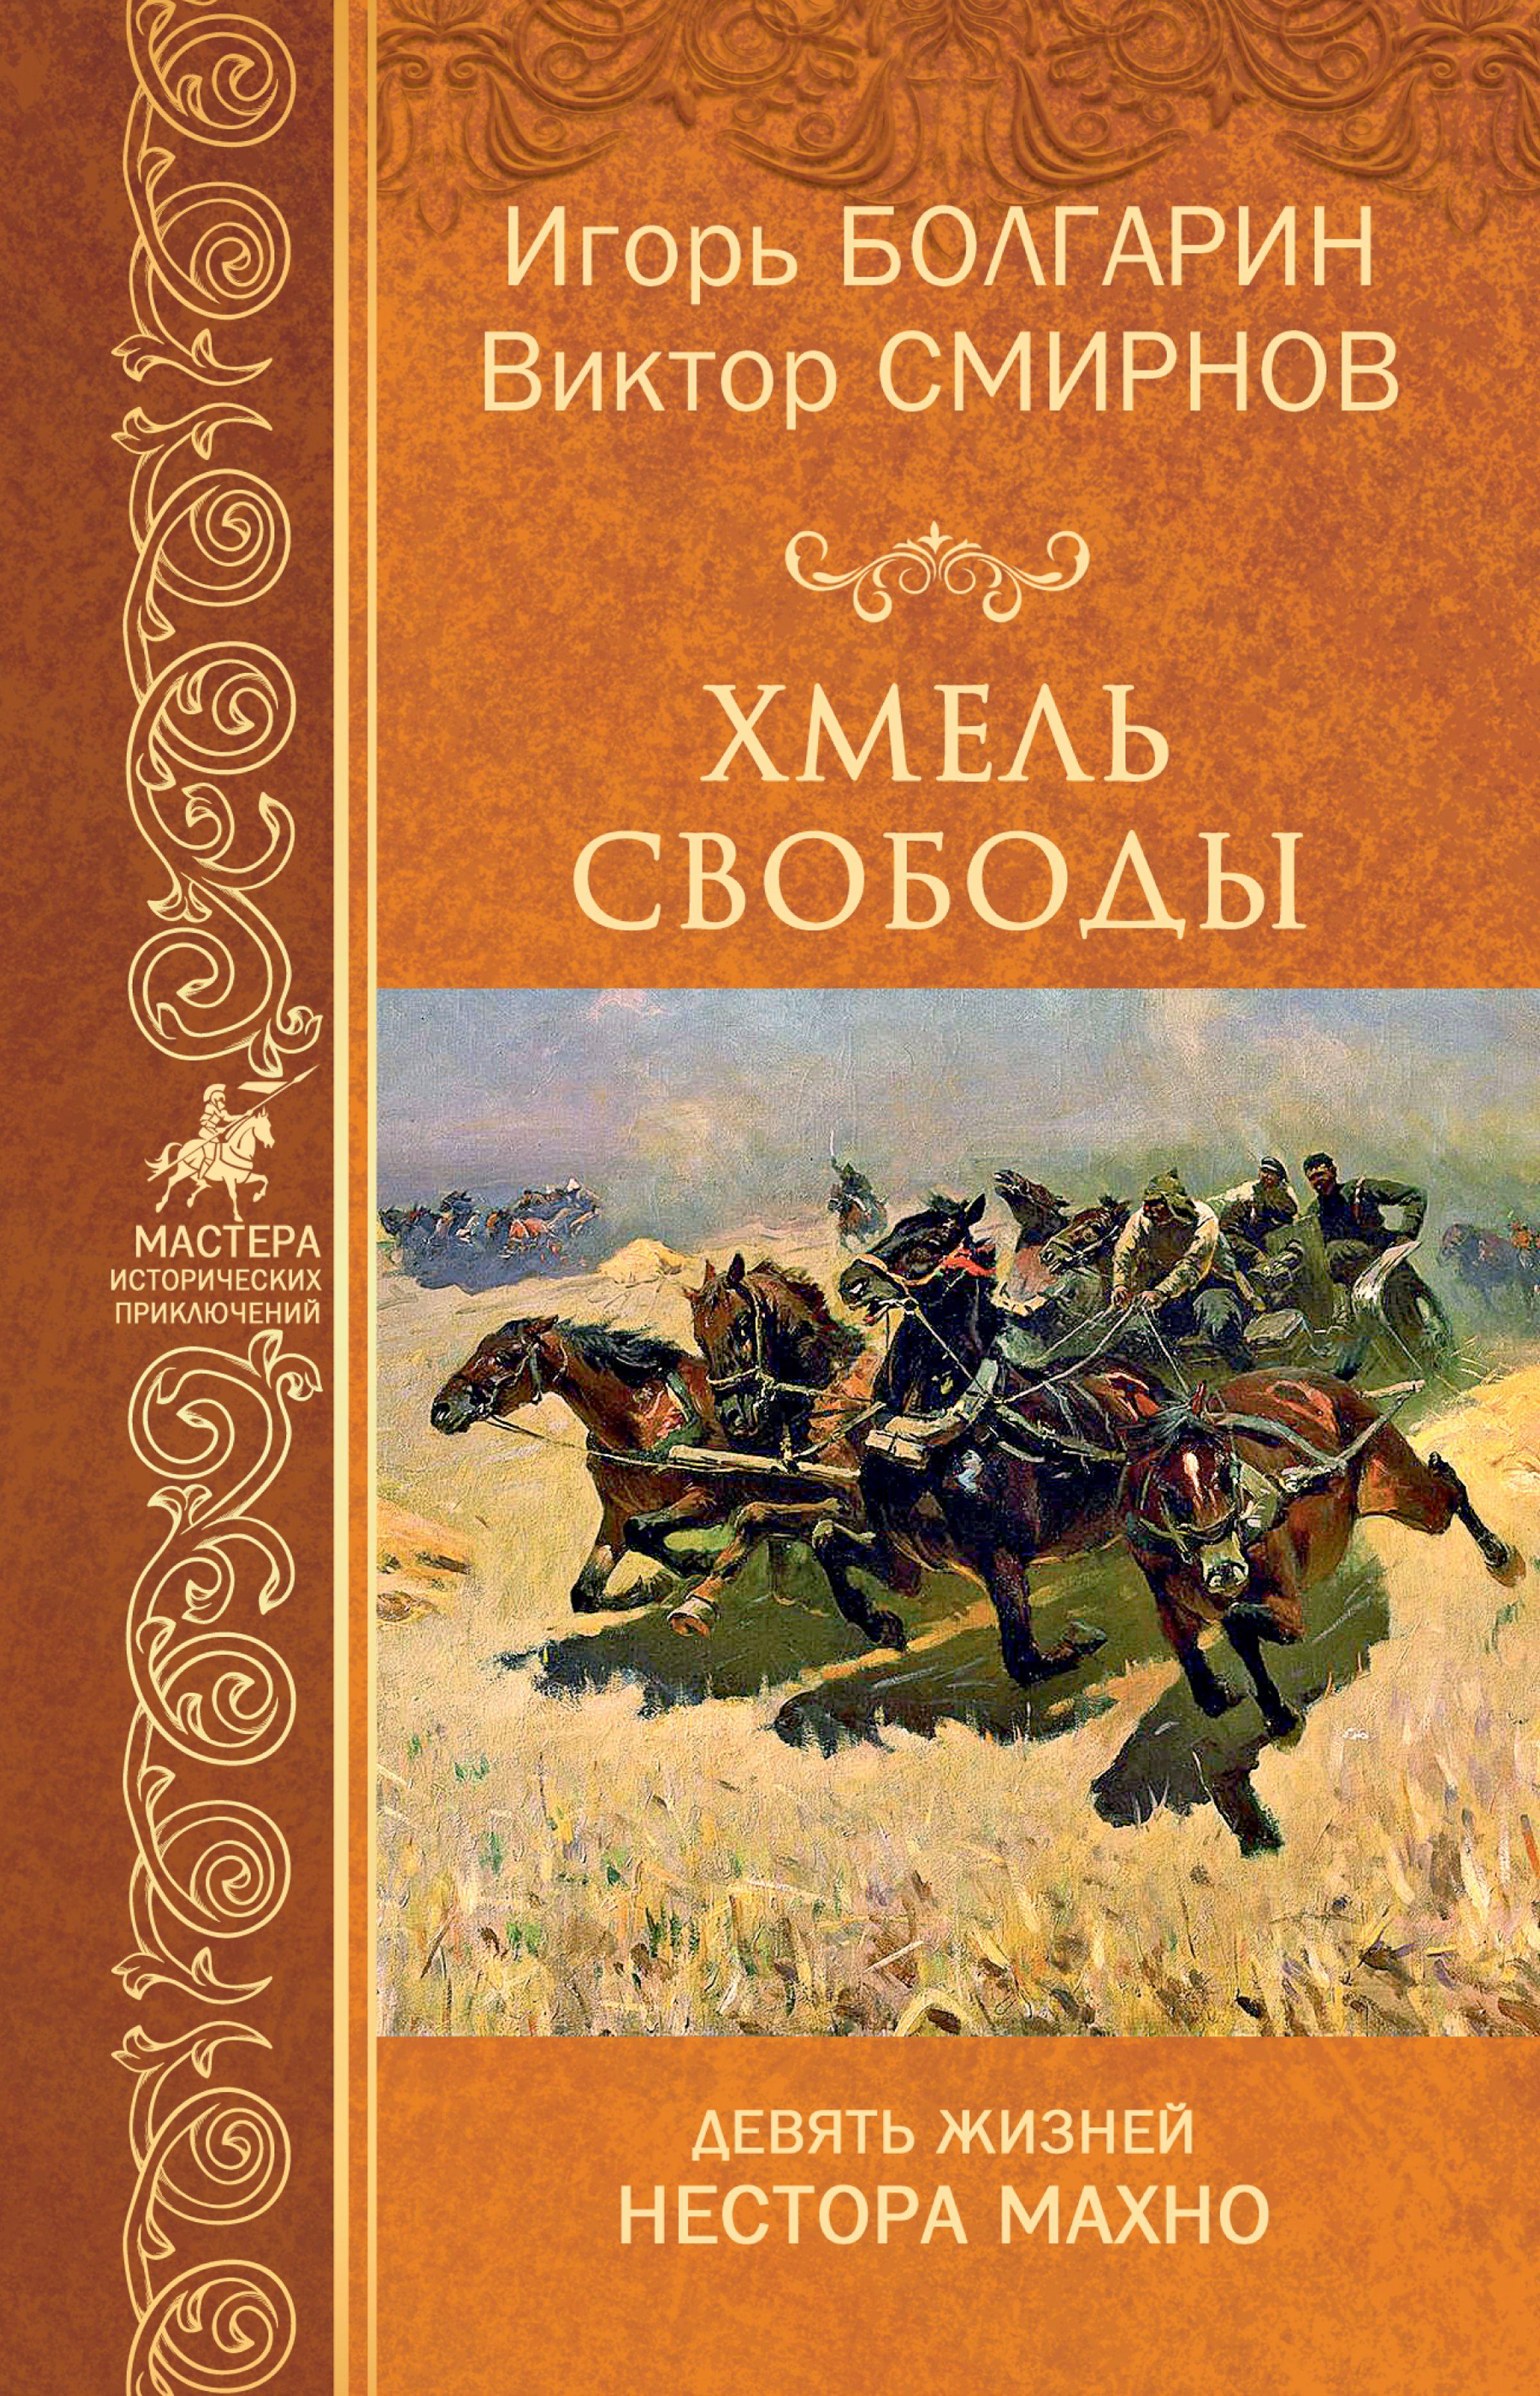 Купить книгу Хмель свободы, автора Виктора Смирнова